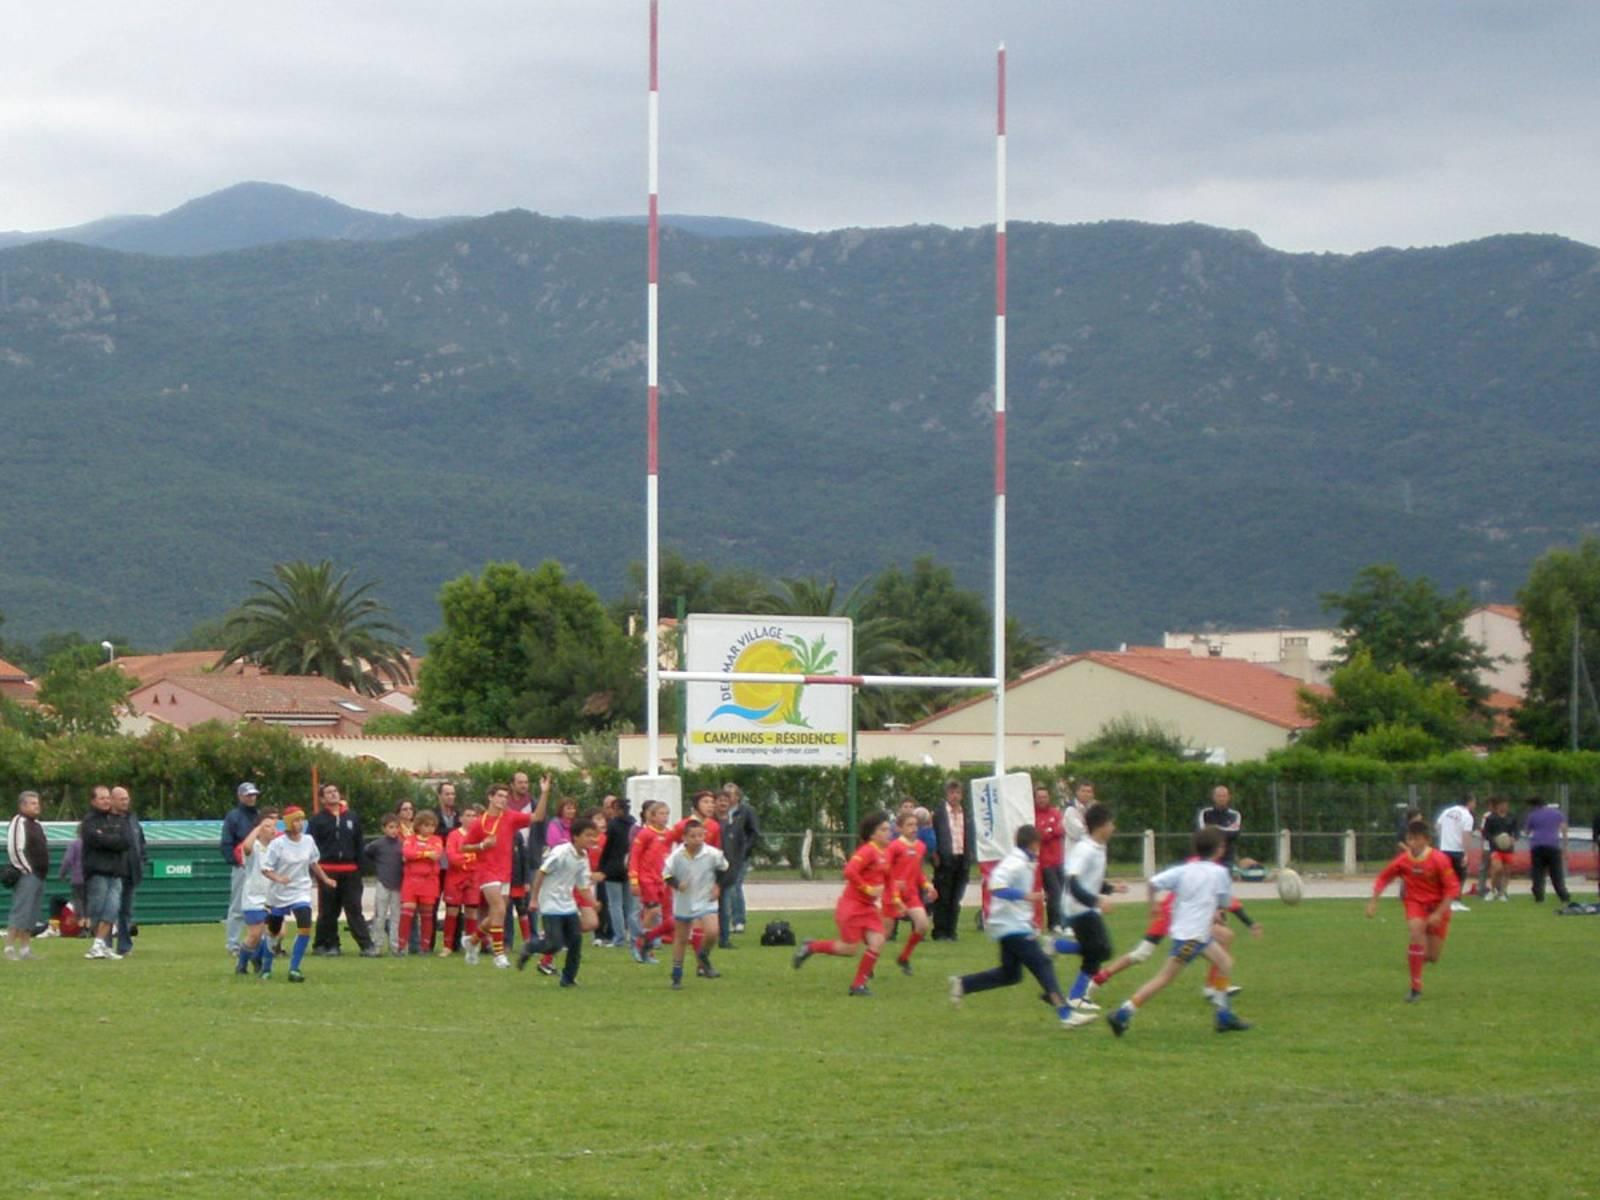 Jugendliche zweier Mannschaften jagen einem Rugby-Ball hinterher